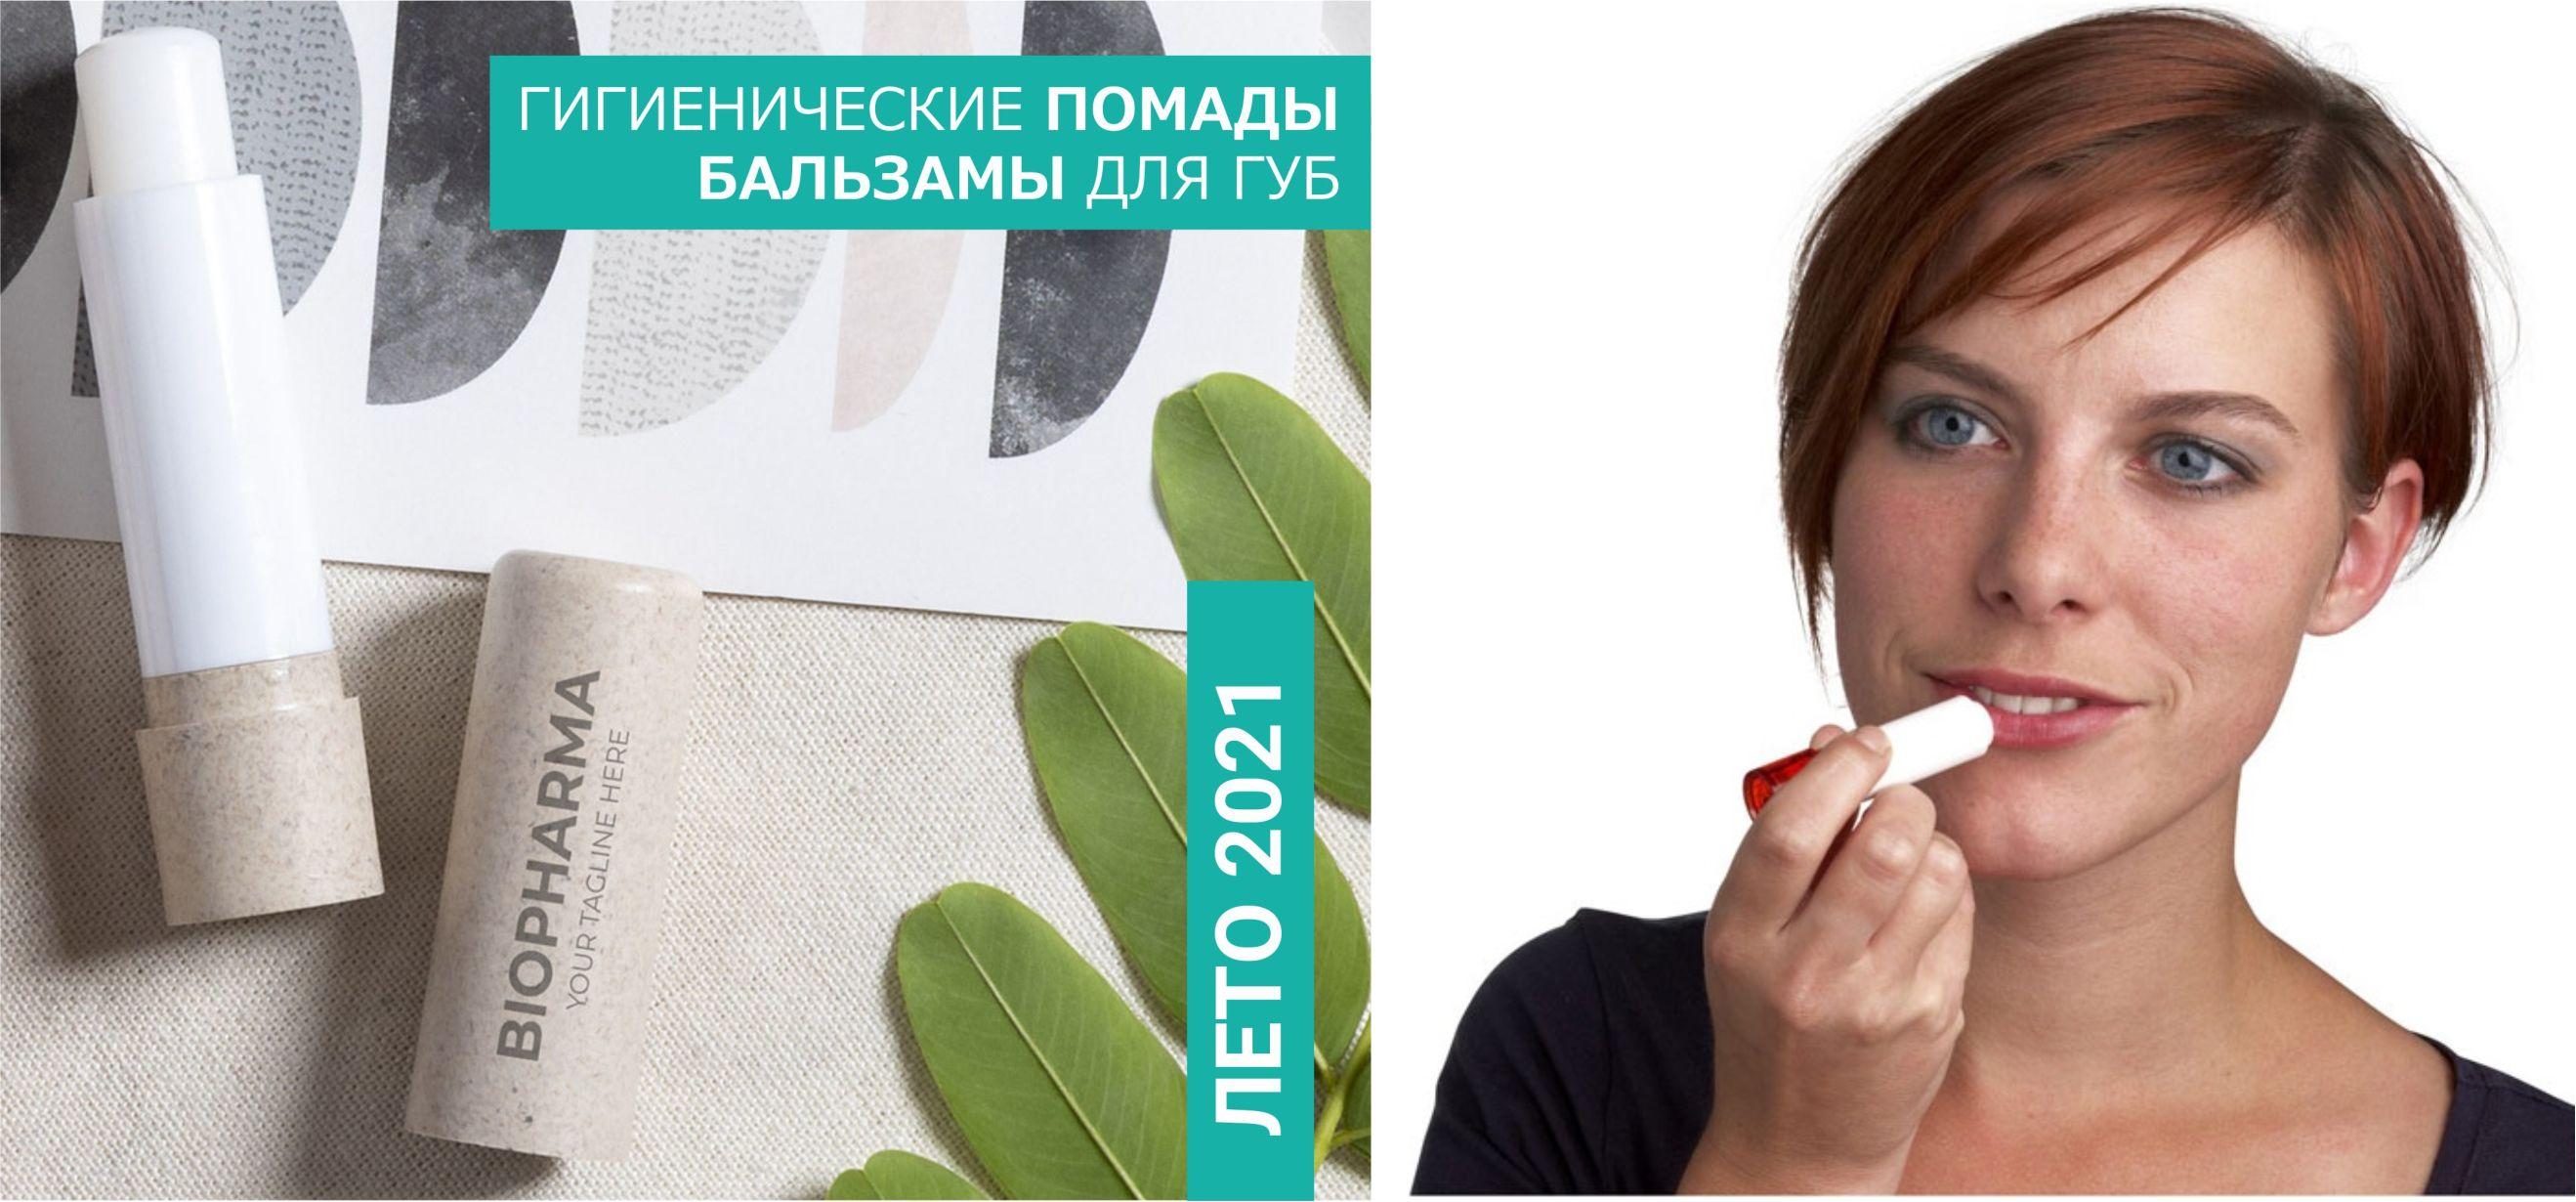 помады и бальзамы с логотипом